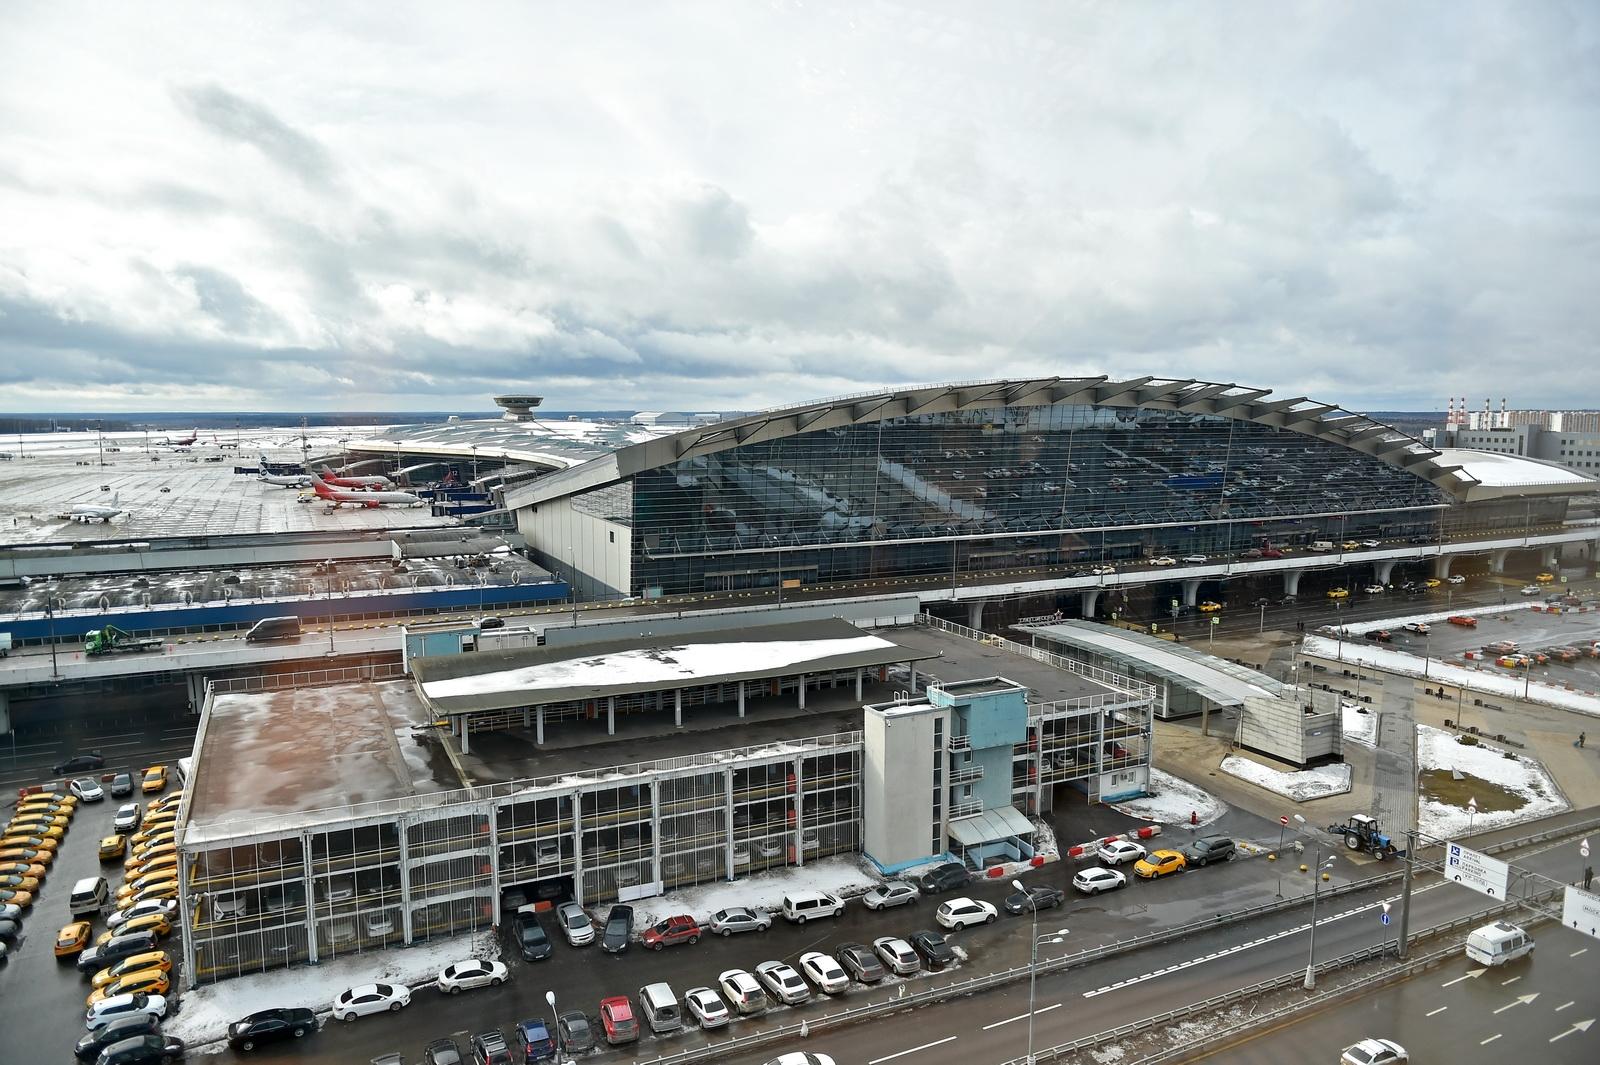 Какое место занимает аэропорт шереметьево в мире